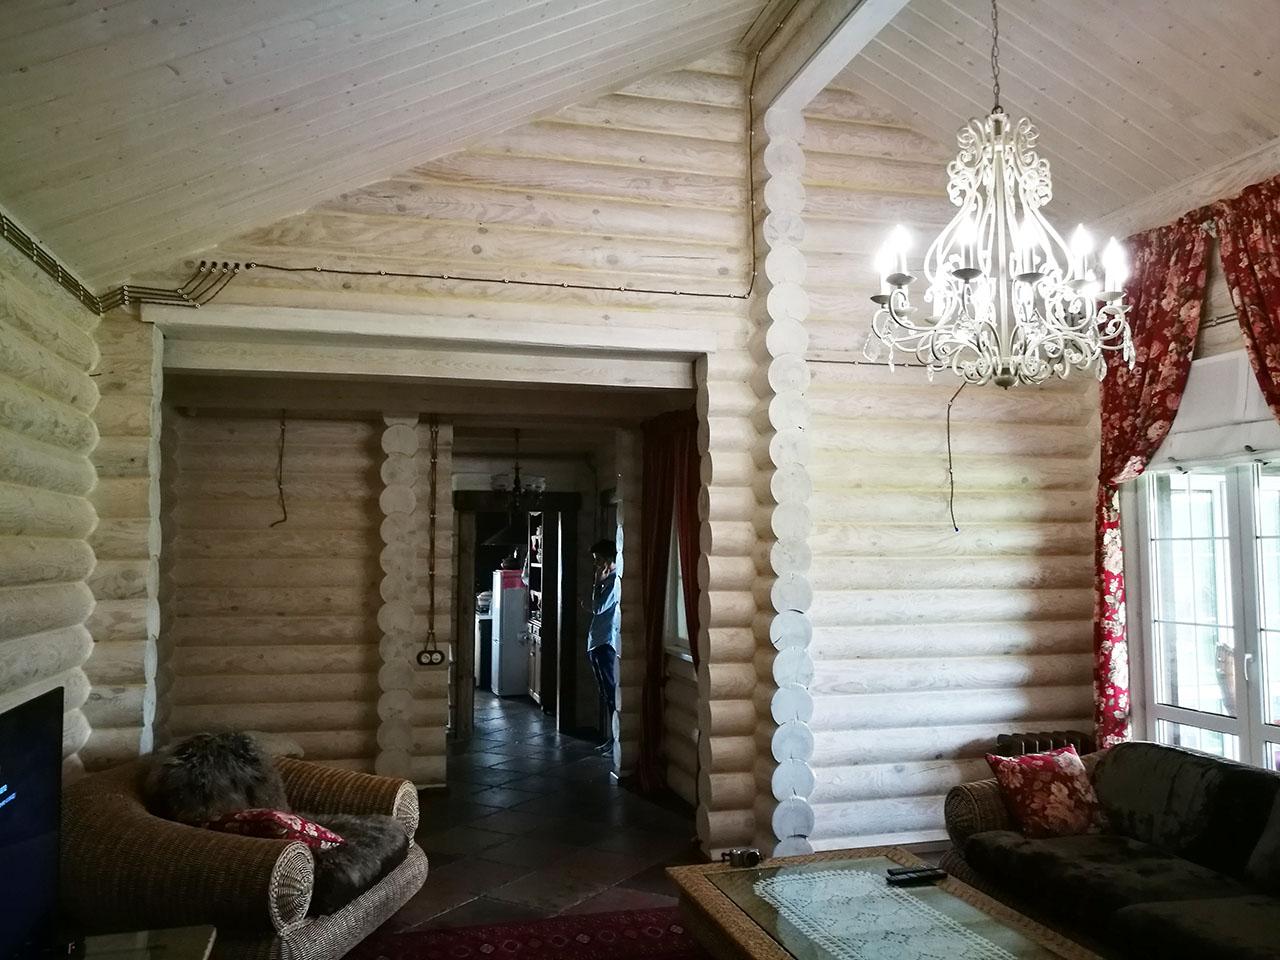 «Мой четырнадцатый дом, но первый — из дерева». Владелец — о жизни в доме из кругляка